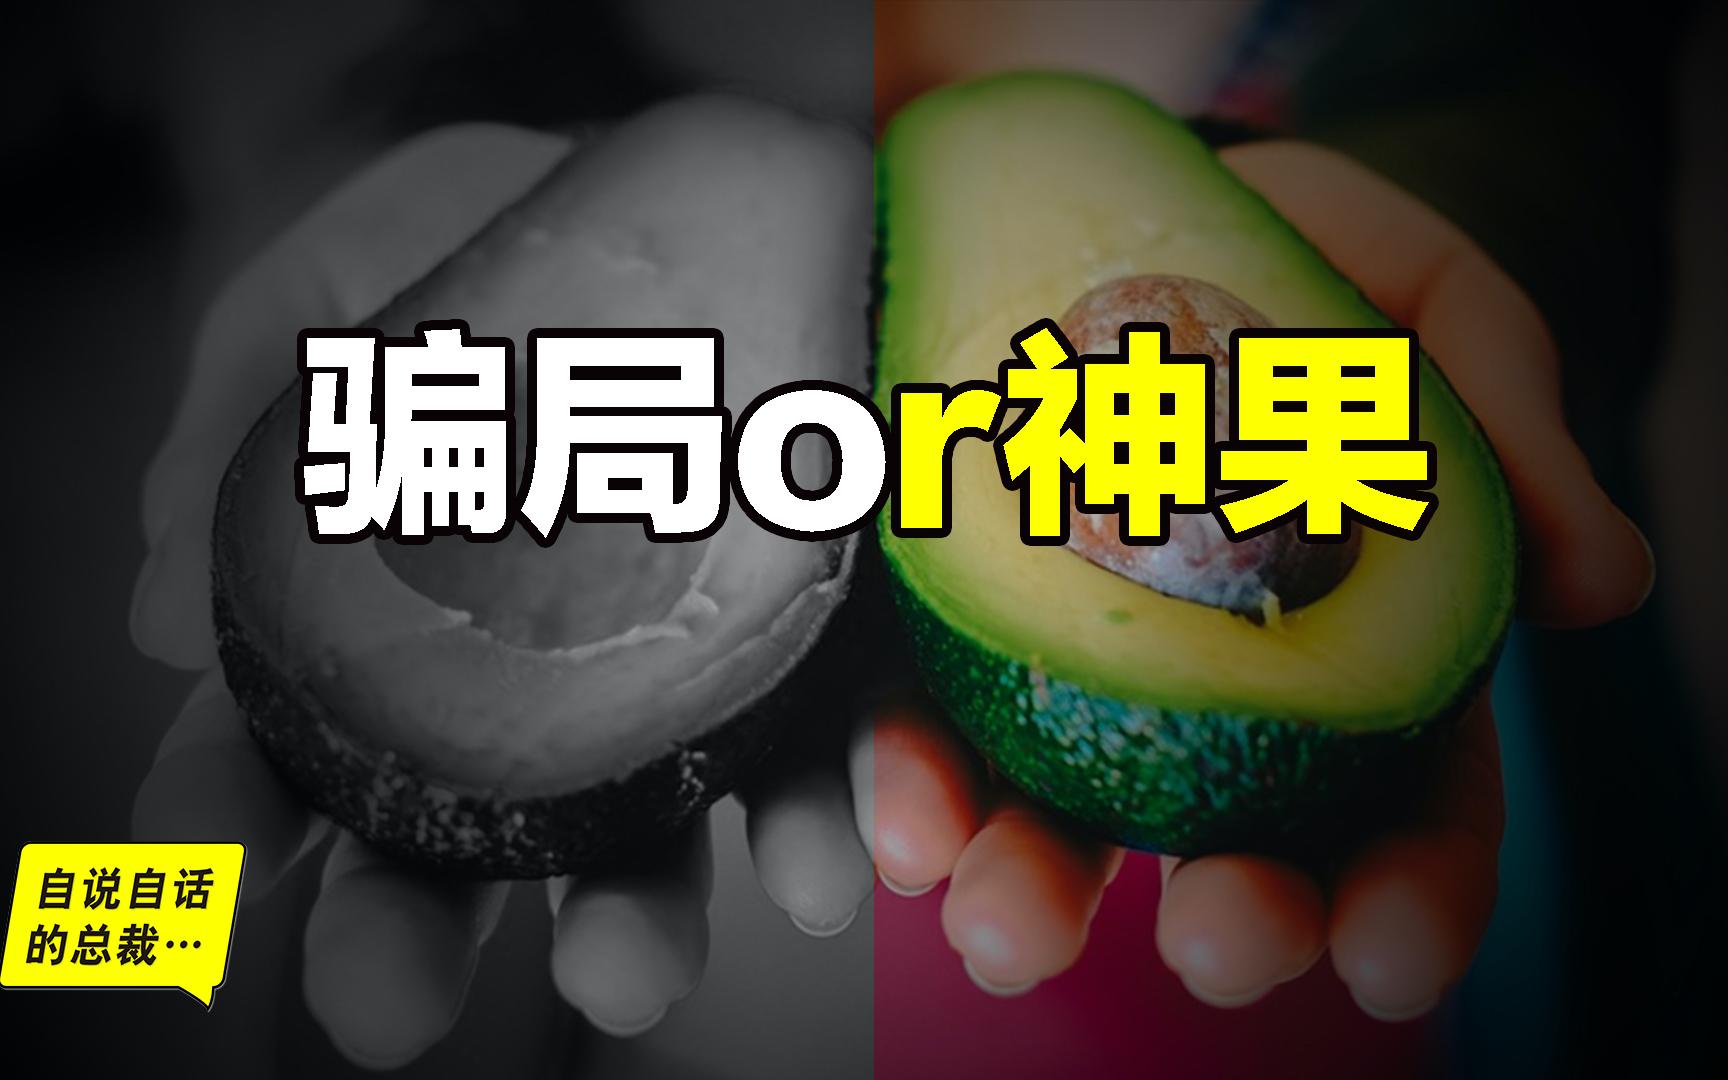 牛油果:30年前还是垃圾食品,为什么突然成了完美神果?